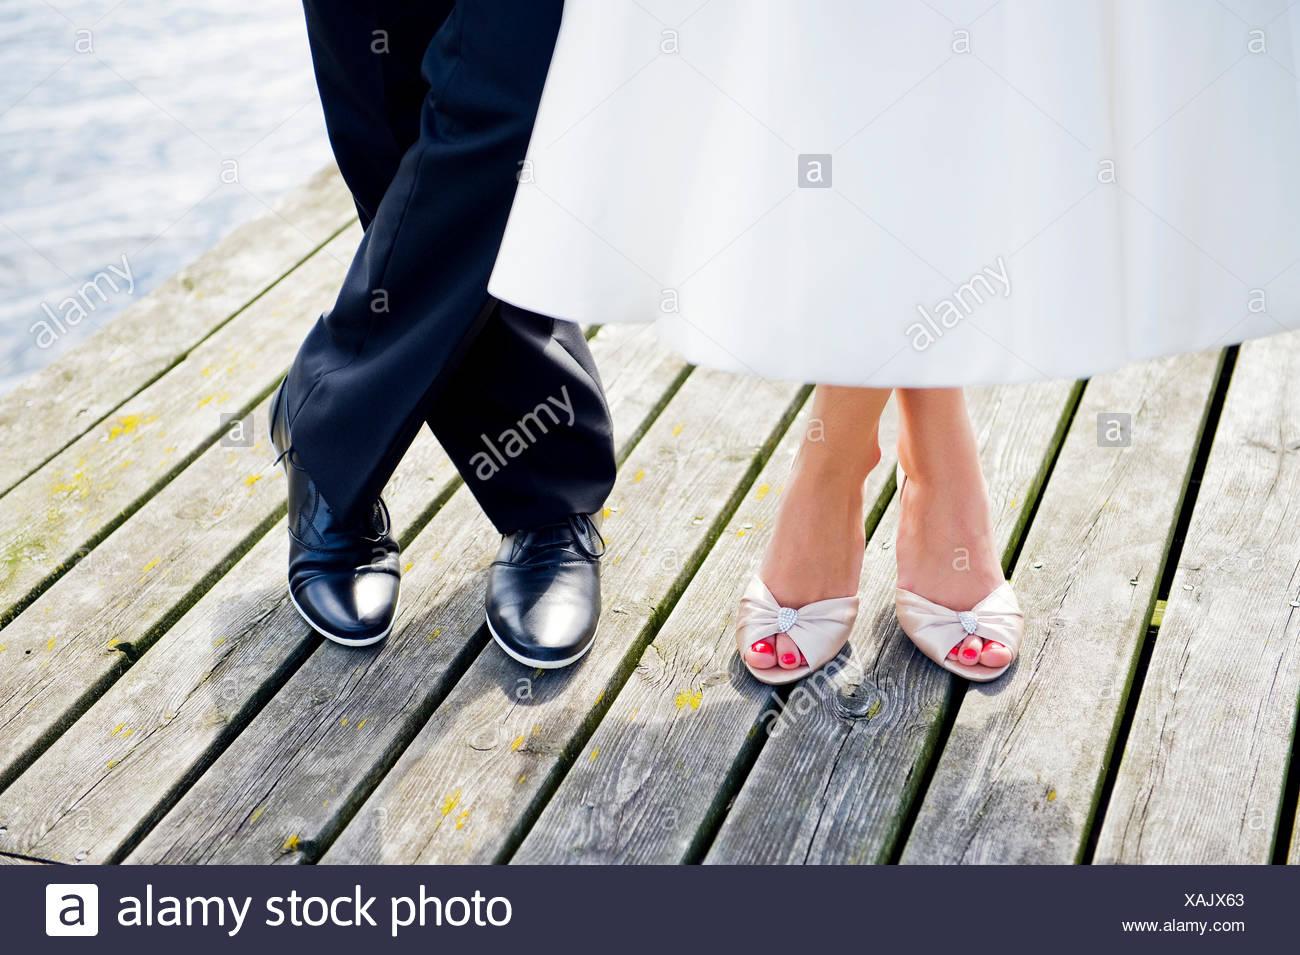 La Svezia, Uppland, Arholma, i piedi di un uomo e di una donna in piedi sul molo in legno Immagini Stock